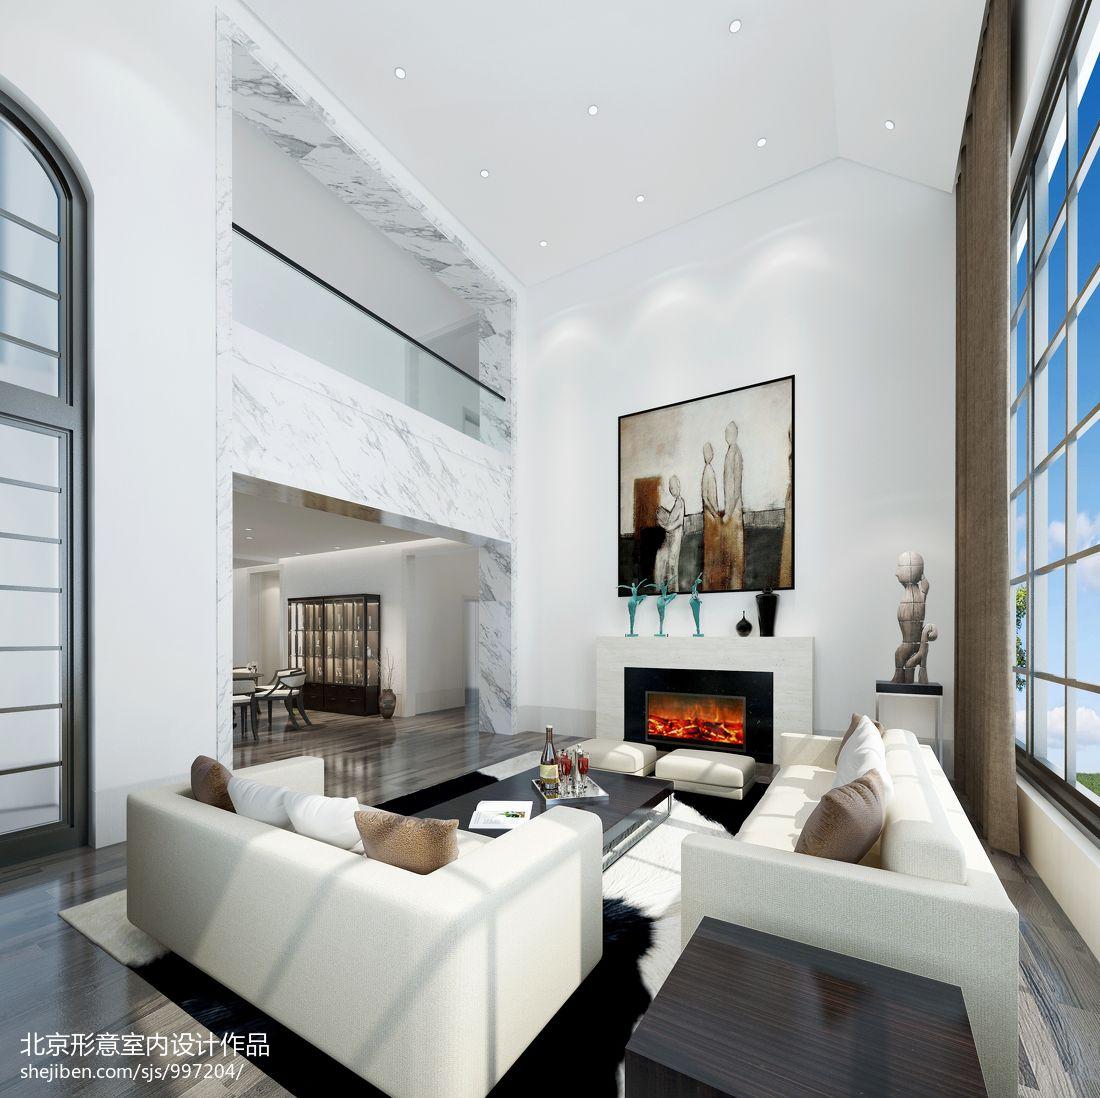 139平米混搭别墅客厅装修实景图片客厅潮流混搭客厅设计图片赏析